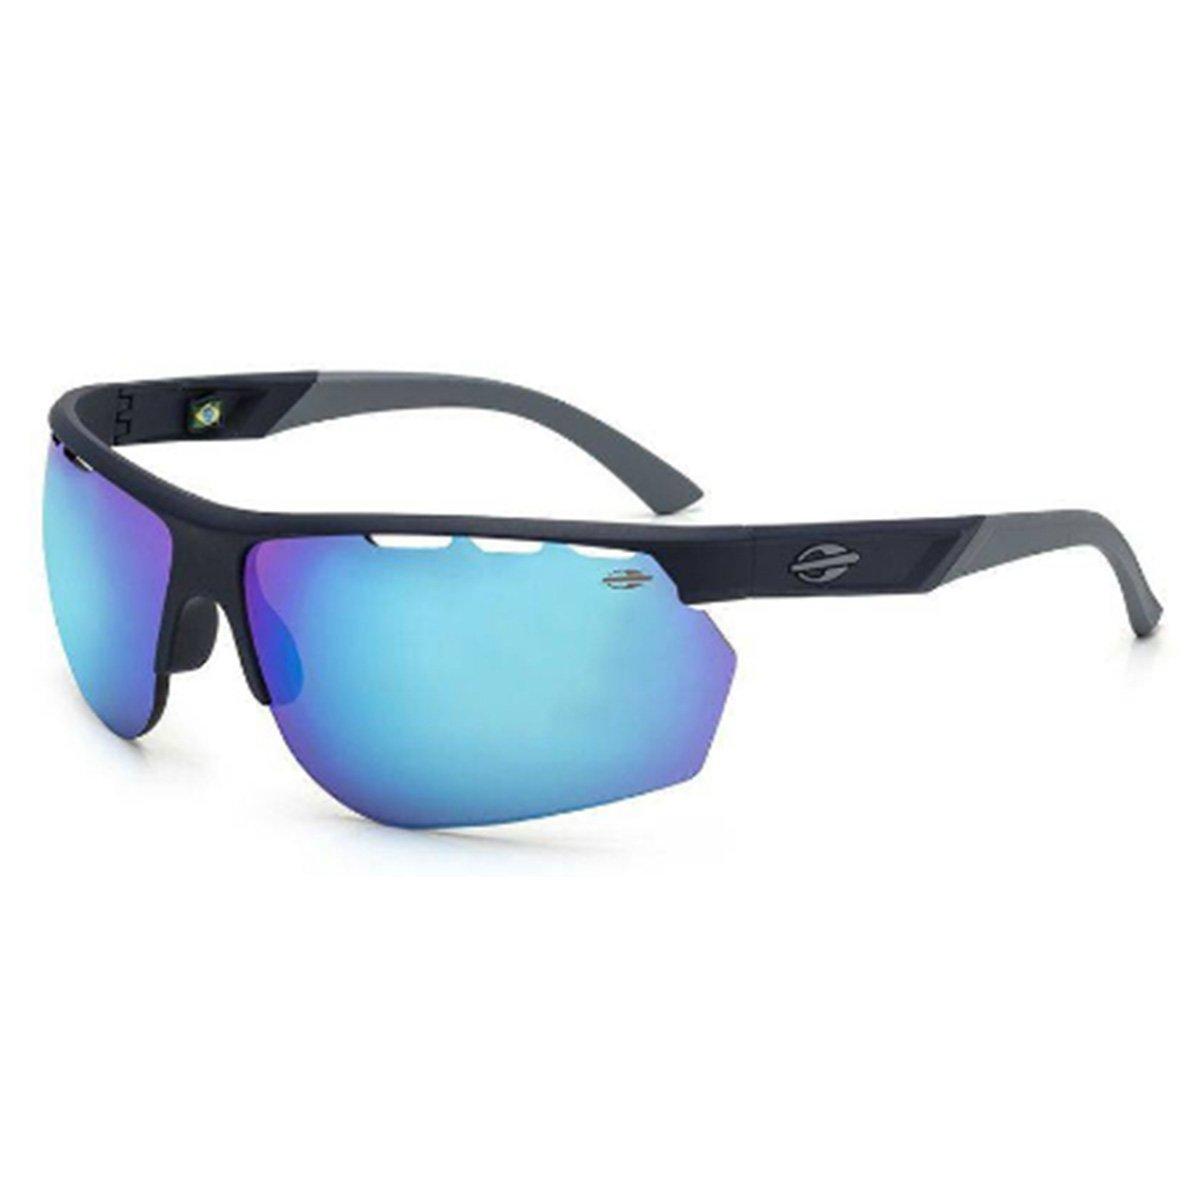 Compre Óculos de Sol Mormaii Thunder em 10X   Tri-Jóia Shop 1b763f2714